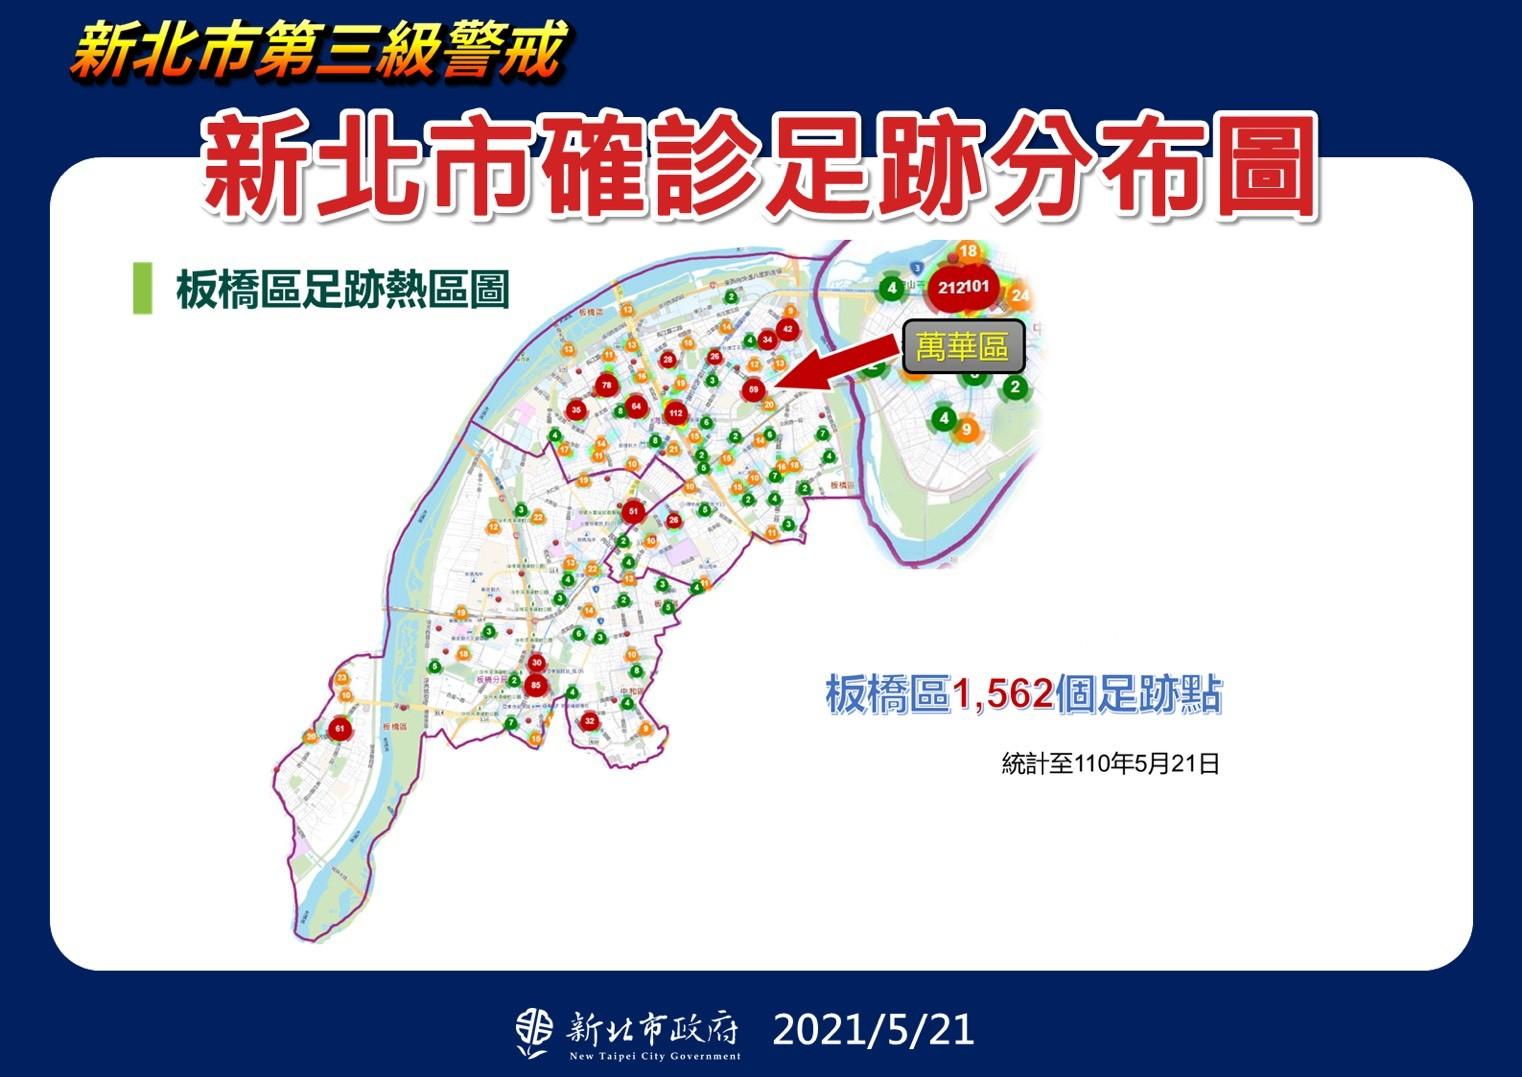 [新聞] 新增315例COVID-19確診 板橋區37例